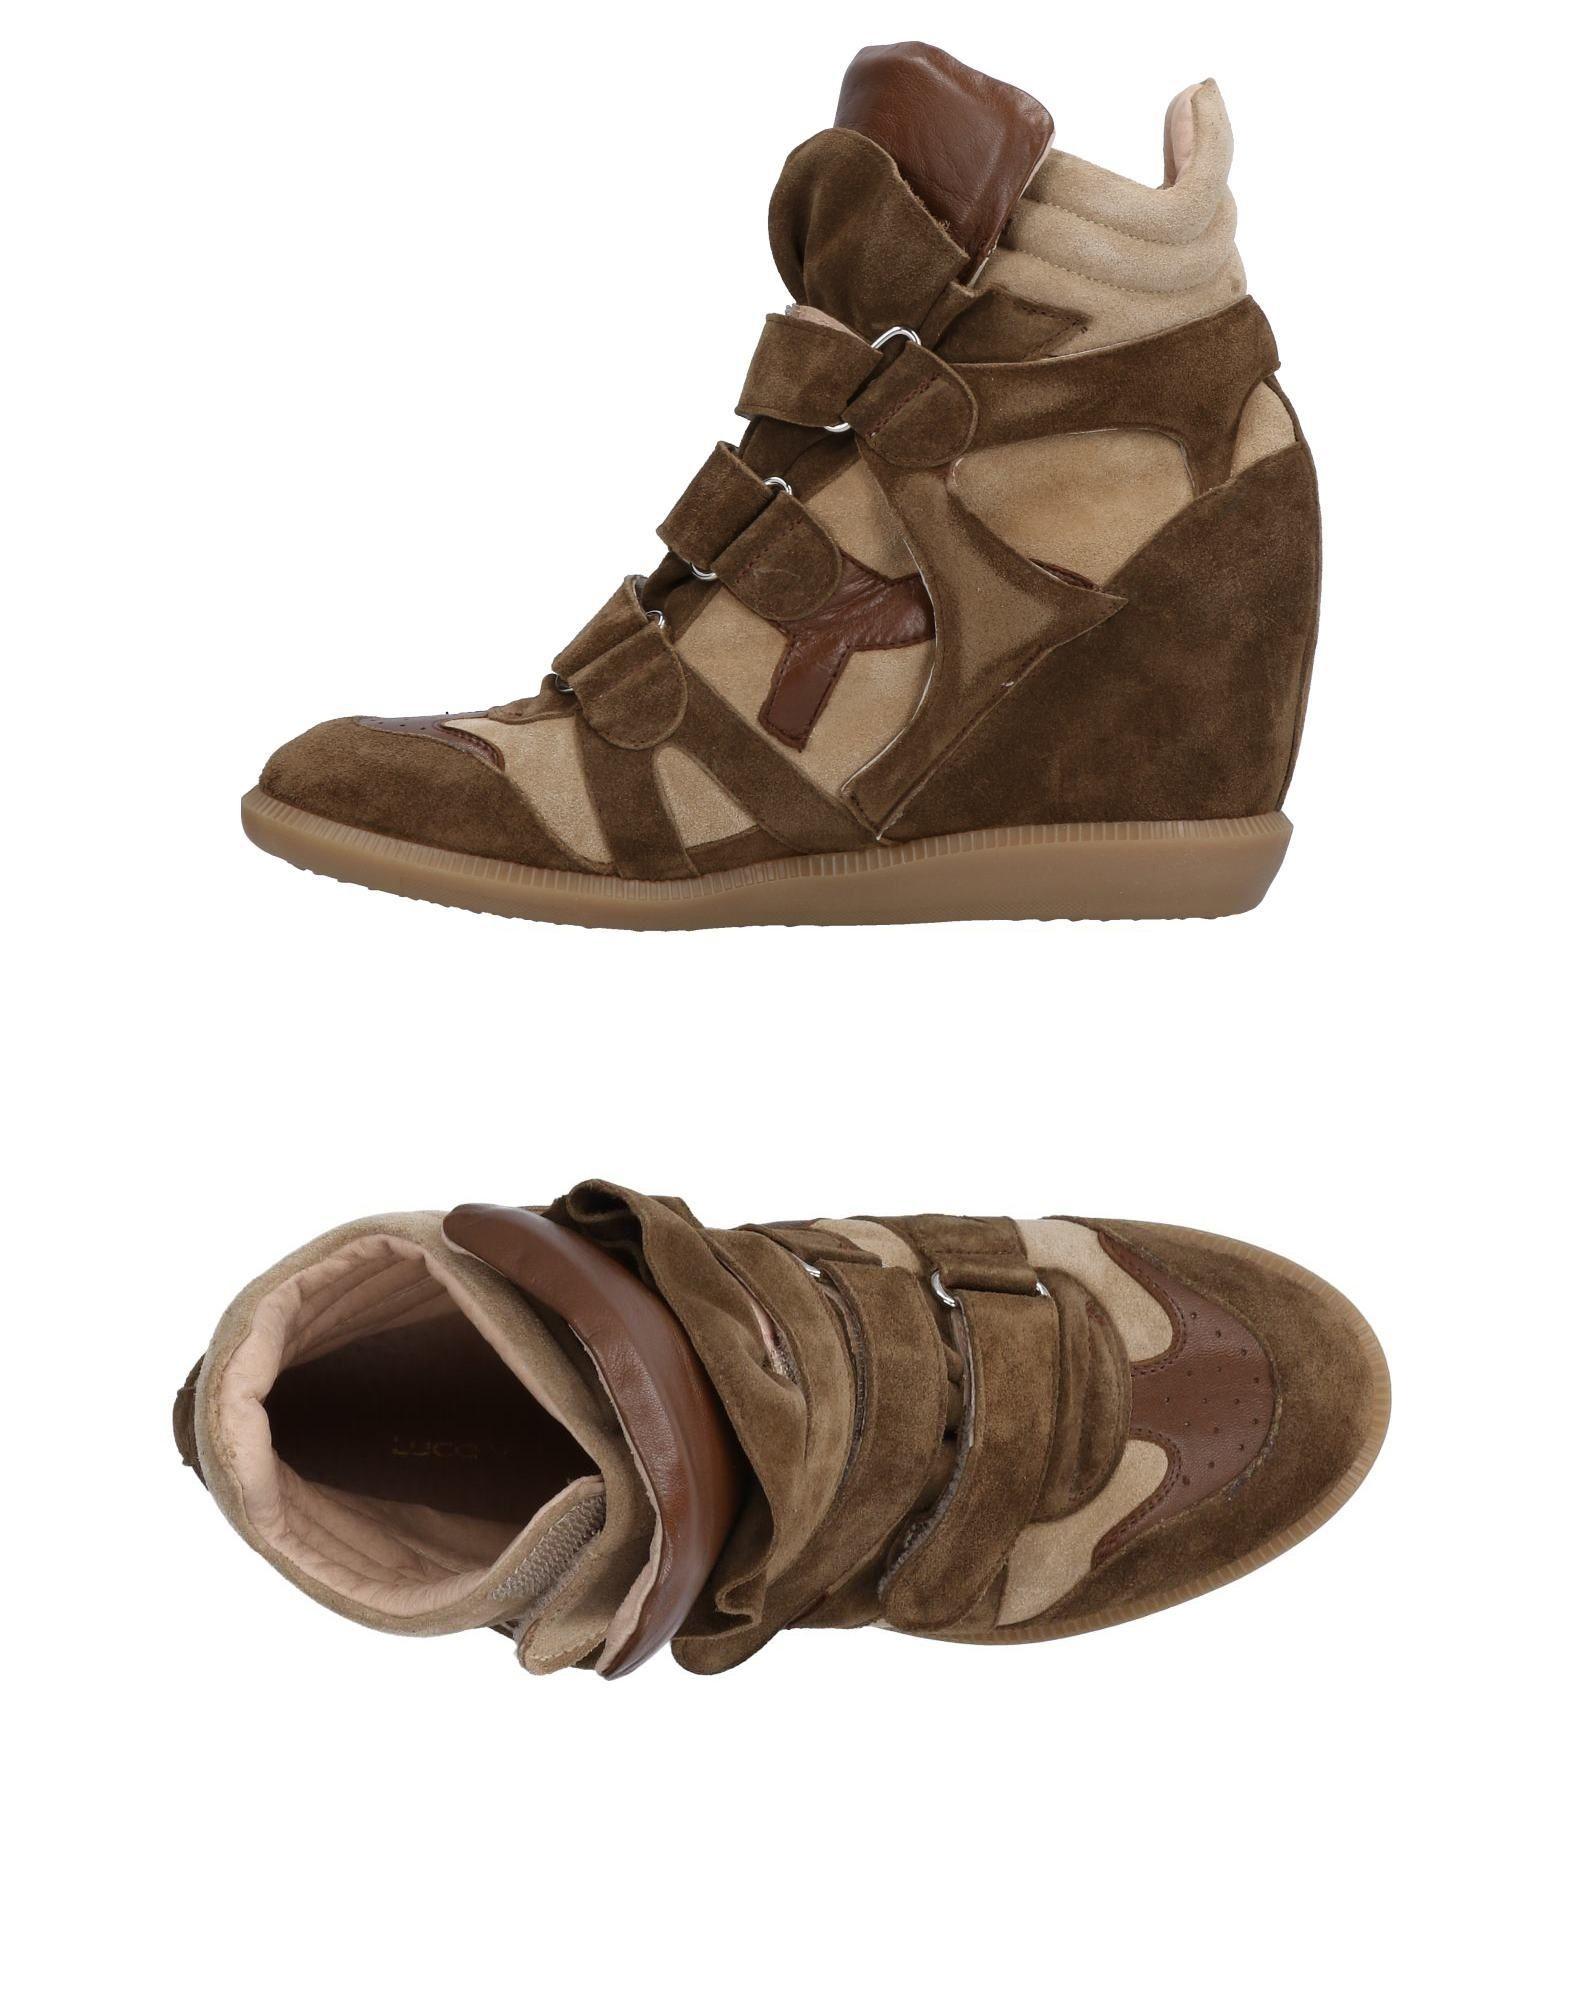 LUCA VALENTINI Sneakers in Dark Green